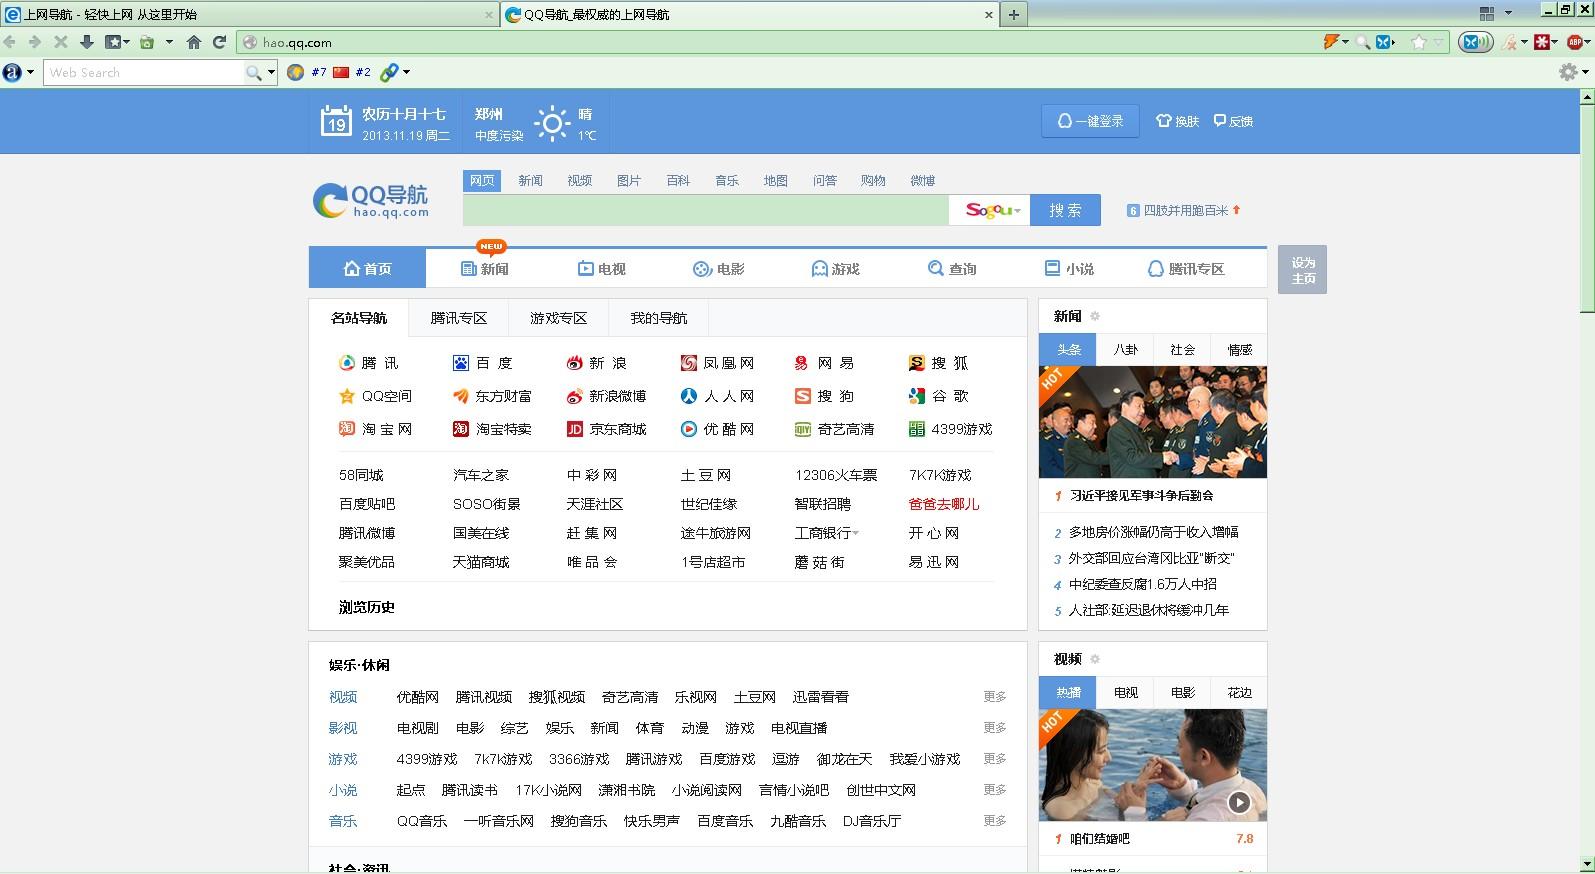 为什么QQ要做两个网址导航?